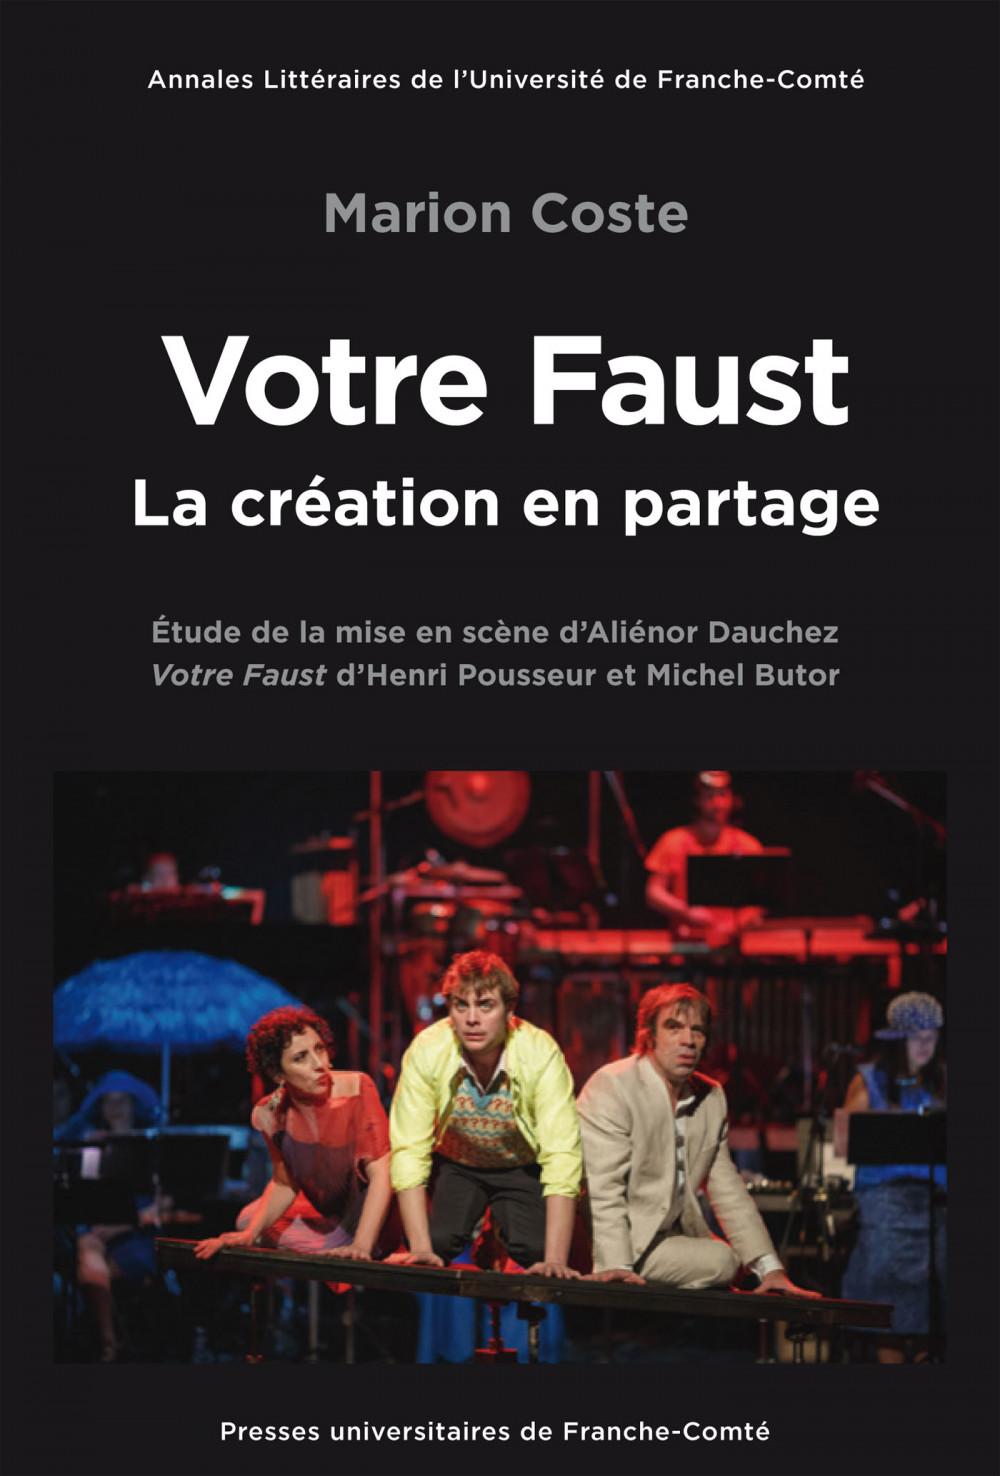 <i>Votre Faust</i> mis en scène par Aliénor Dauchez, la création en partage